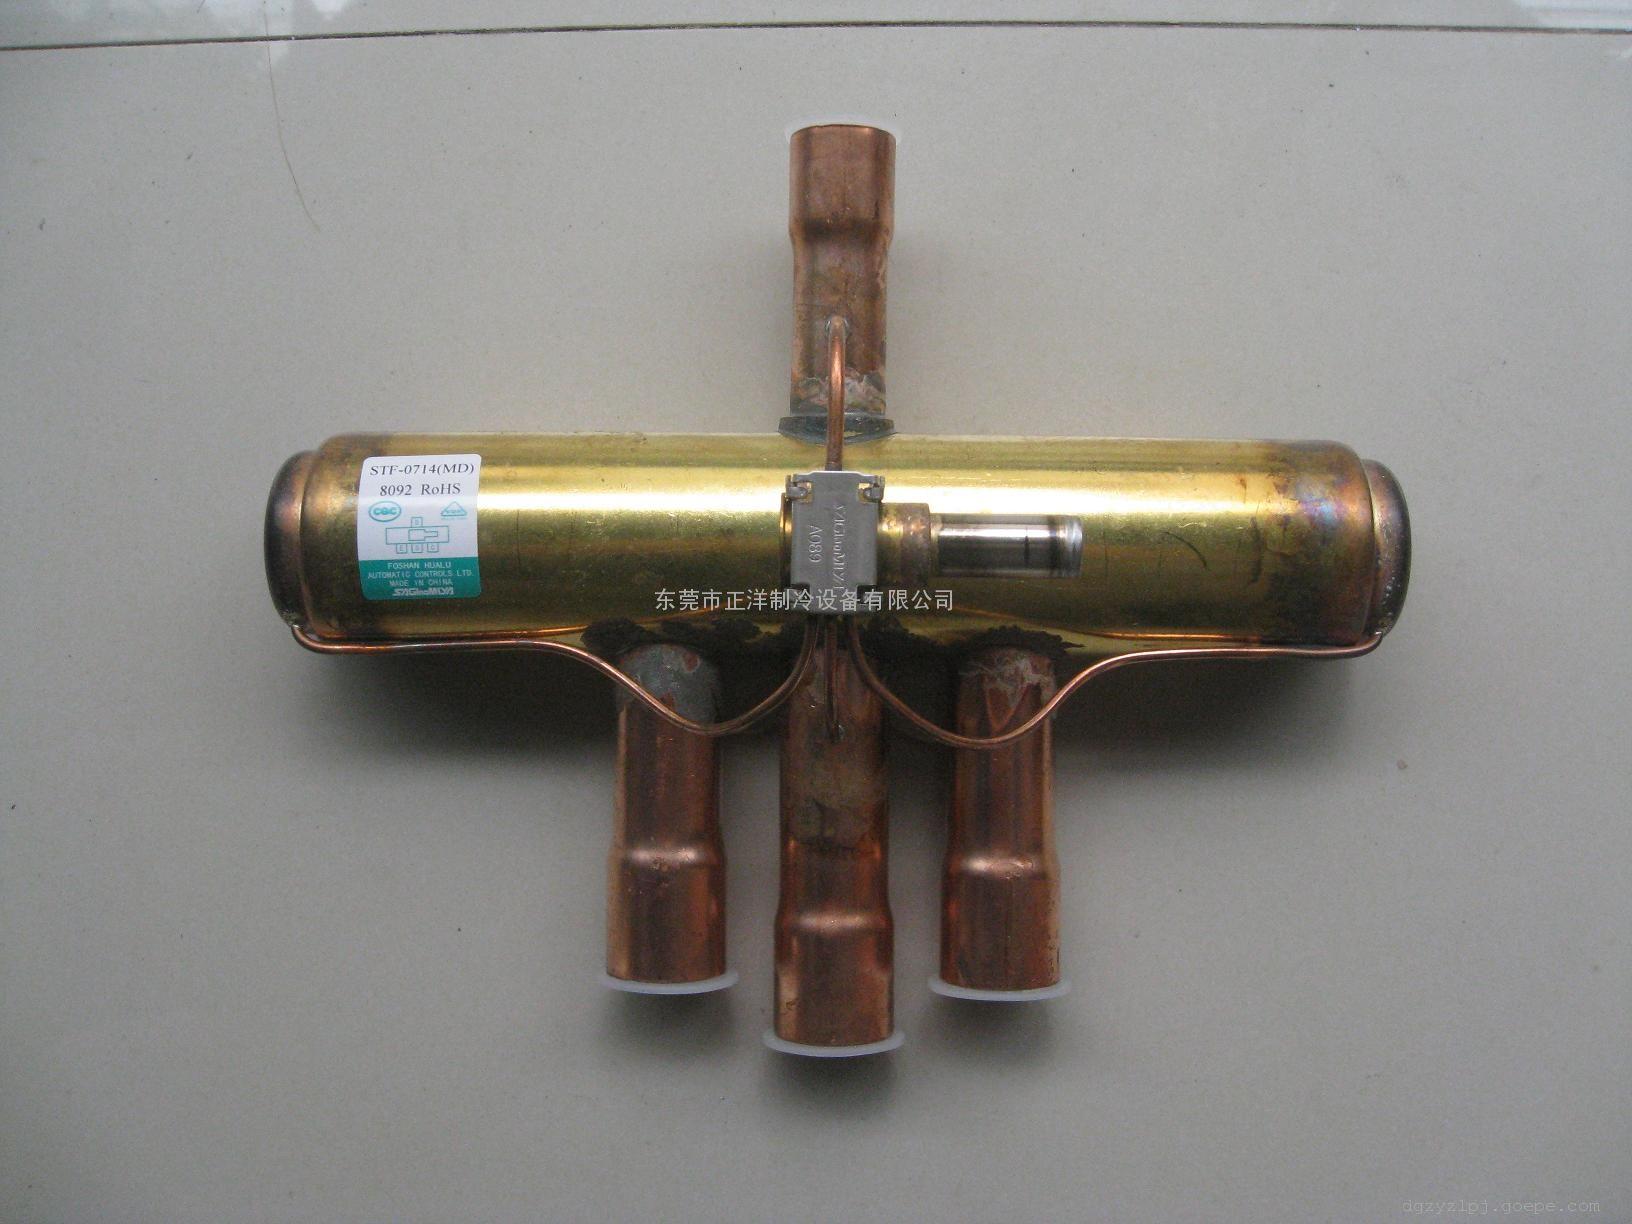 四通阀是制冷设备中不可缺少的部件,其工作原理是图片